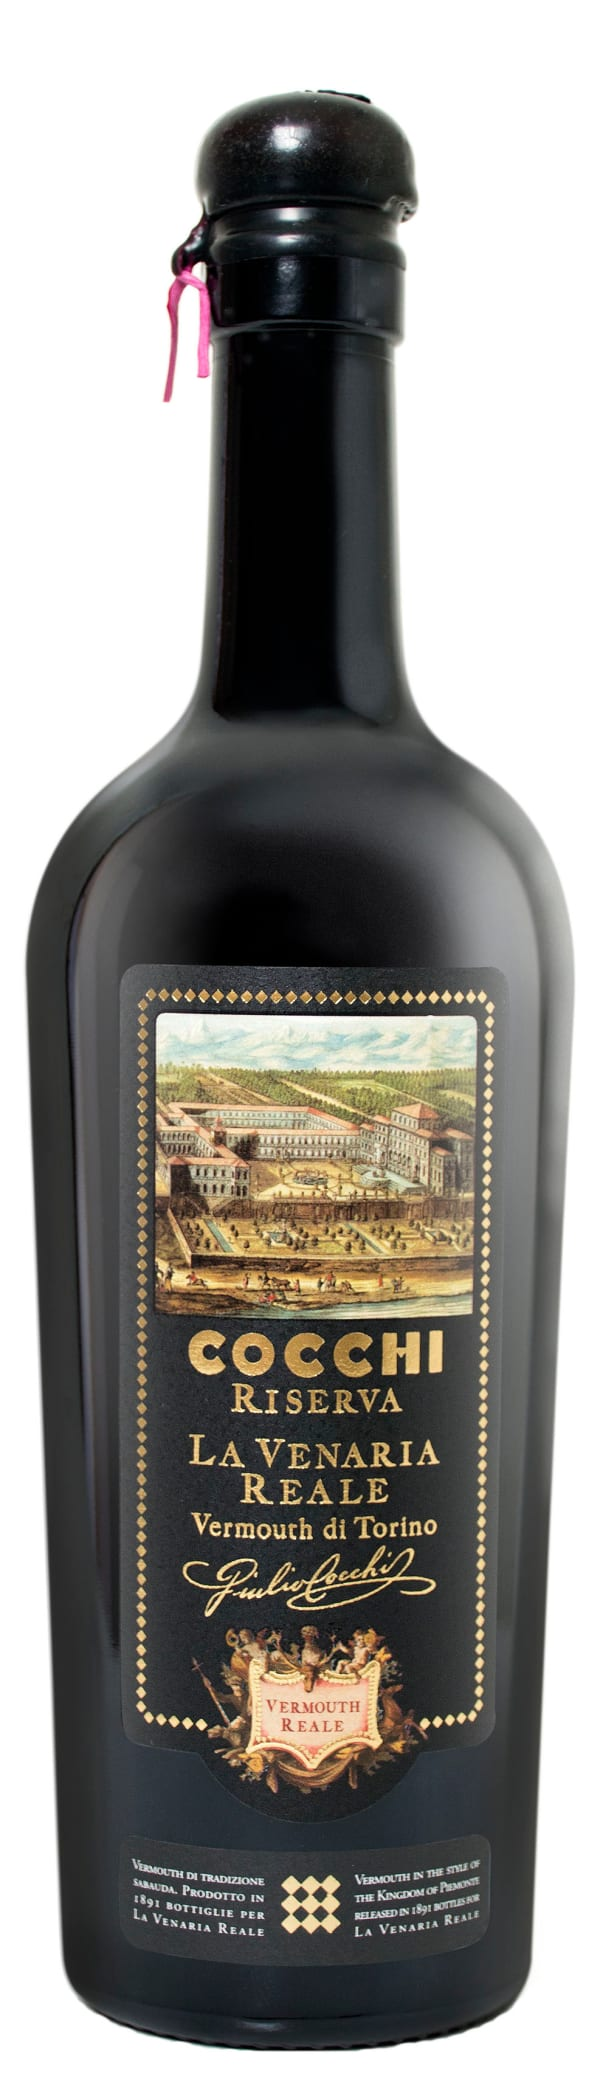 Cocchi Riserva La Venaria Reale Vermouth di Torino